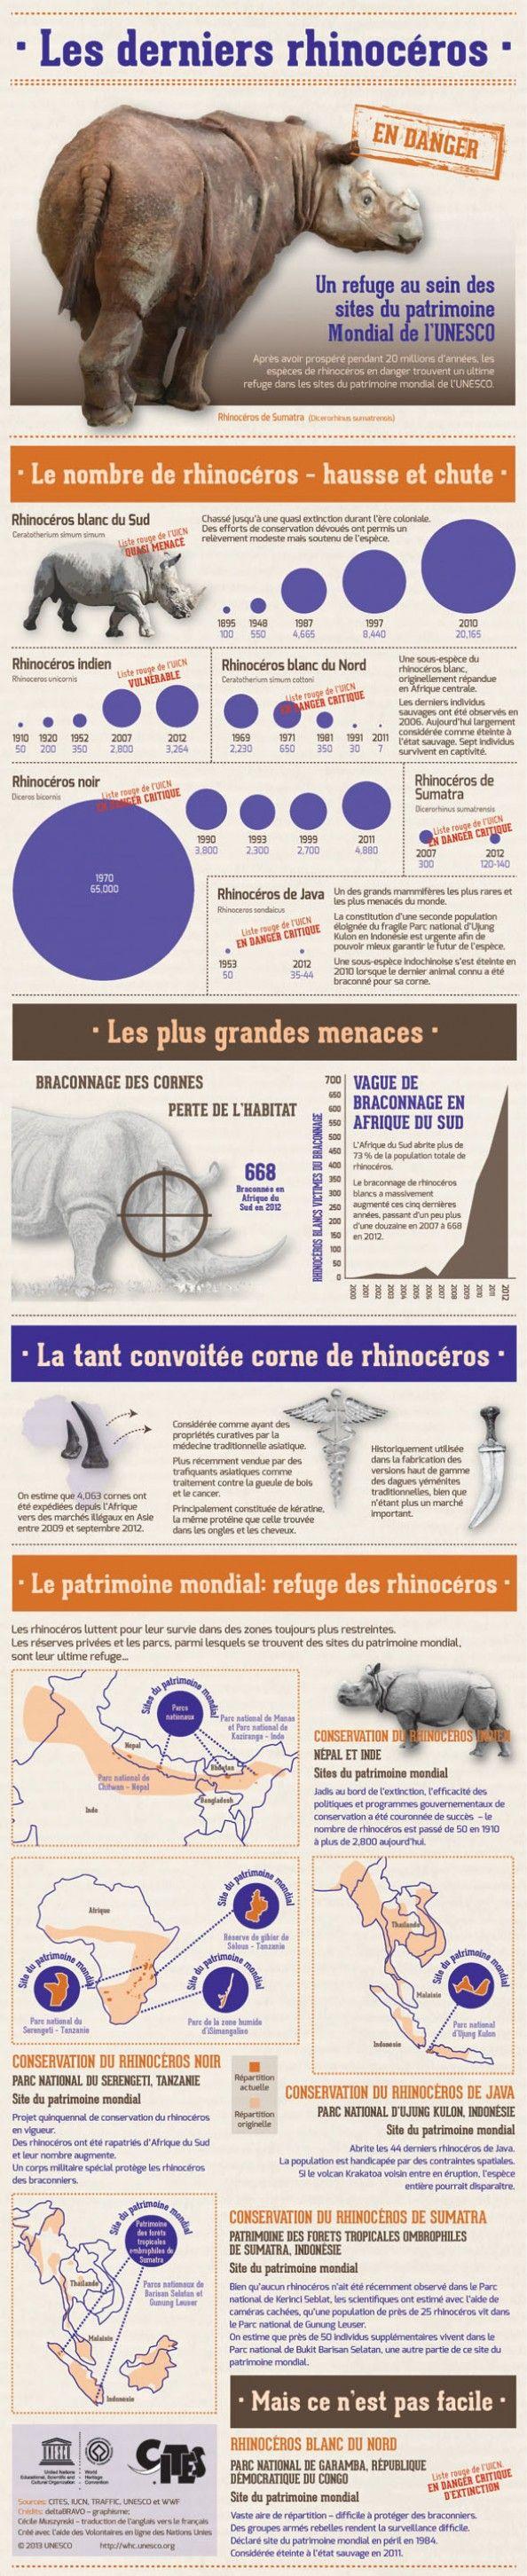 Les derniers rhinocéros  espèces en voie d'extinction